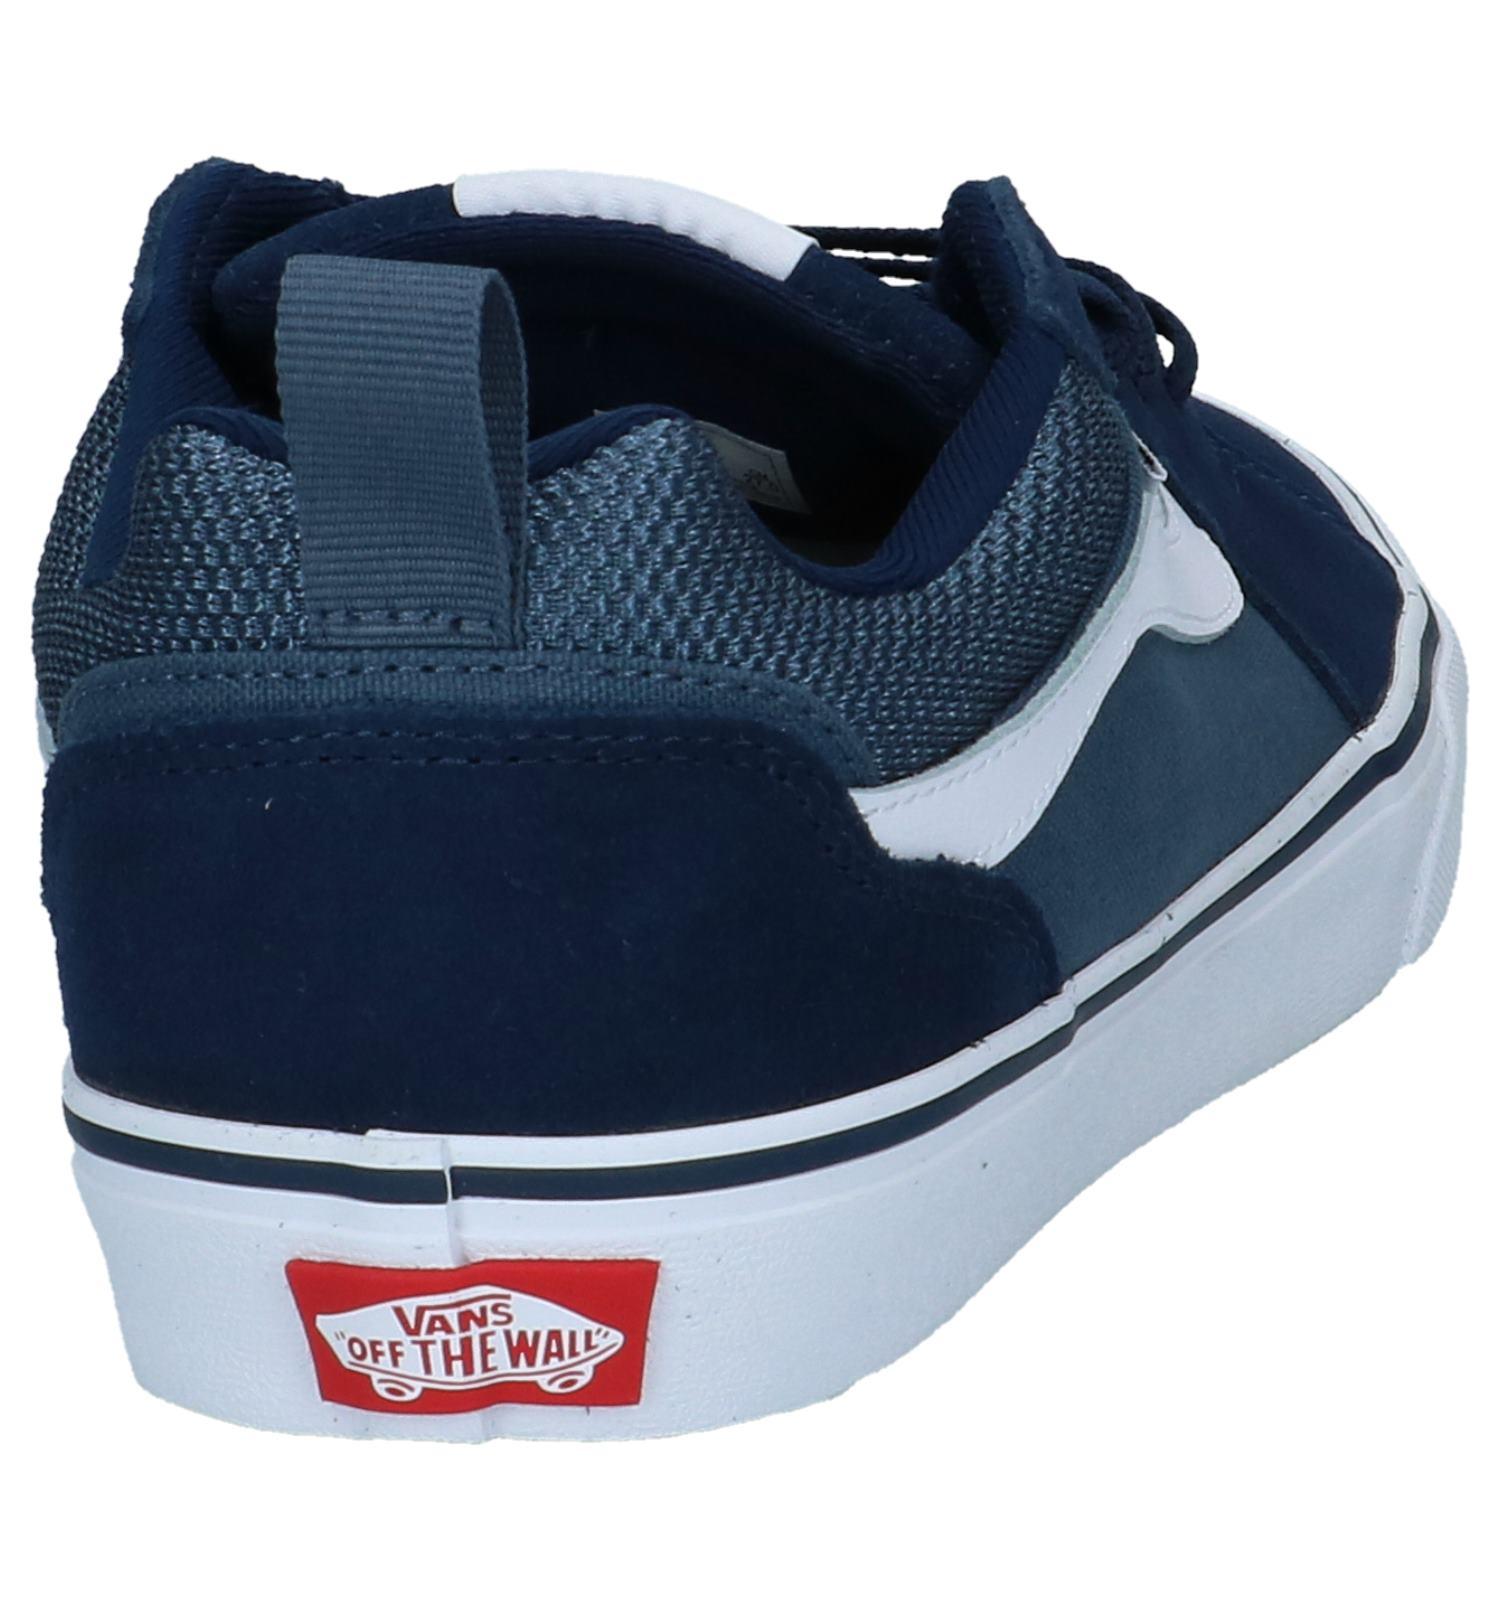 6b7912e222ab5d Vans Filmore Donker Blauwe Skateschoenen